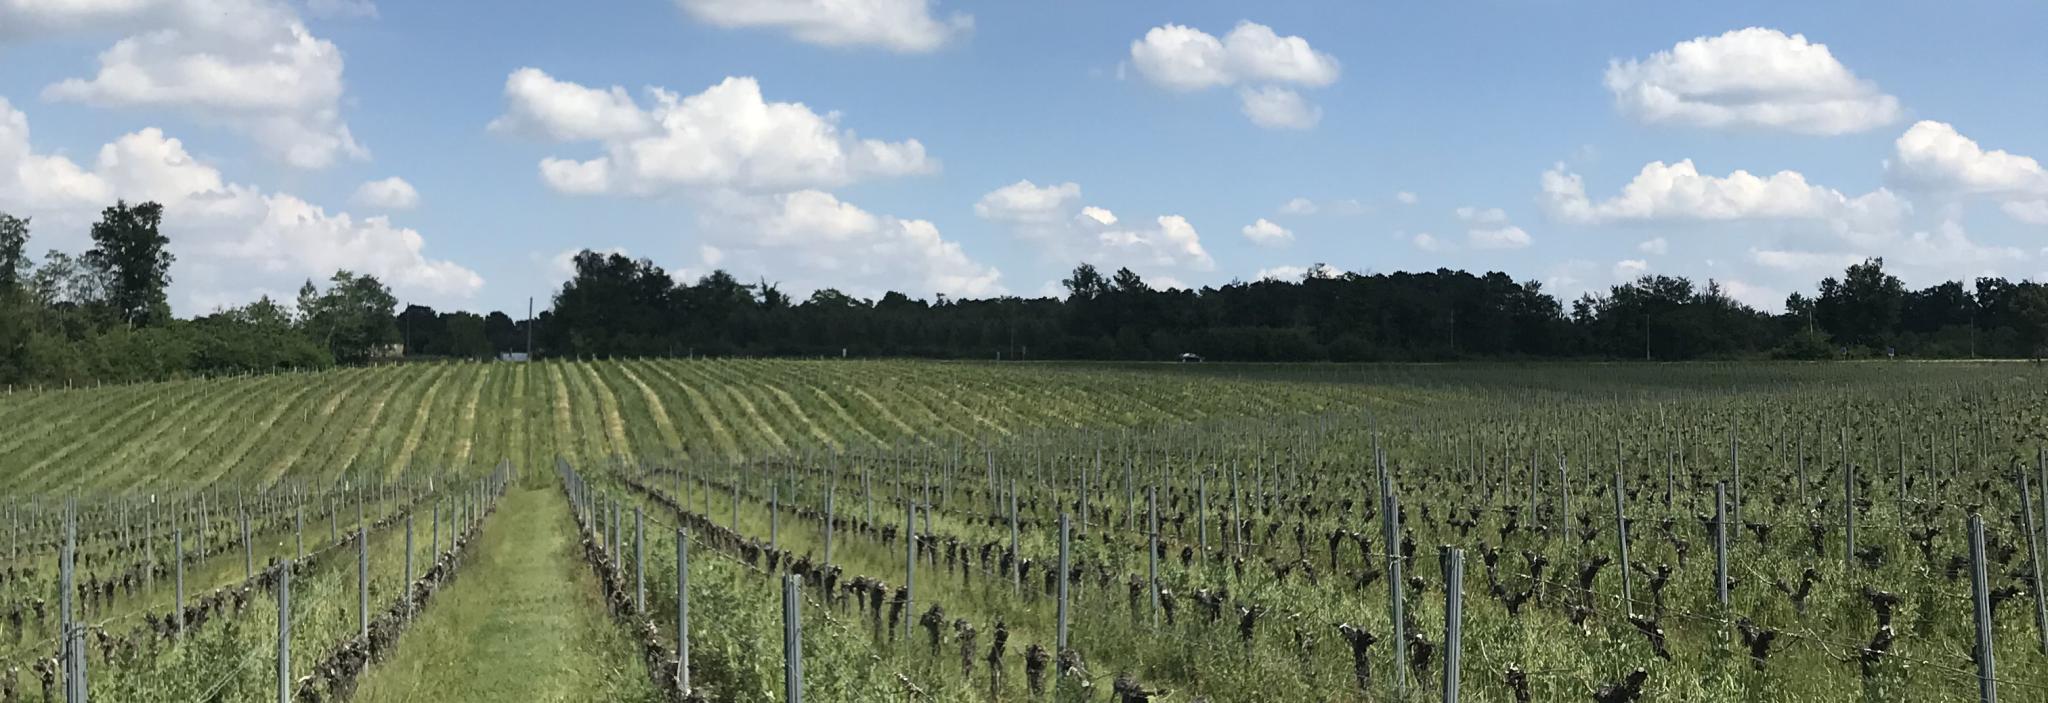 vignes vallée